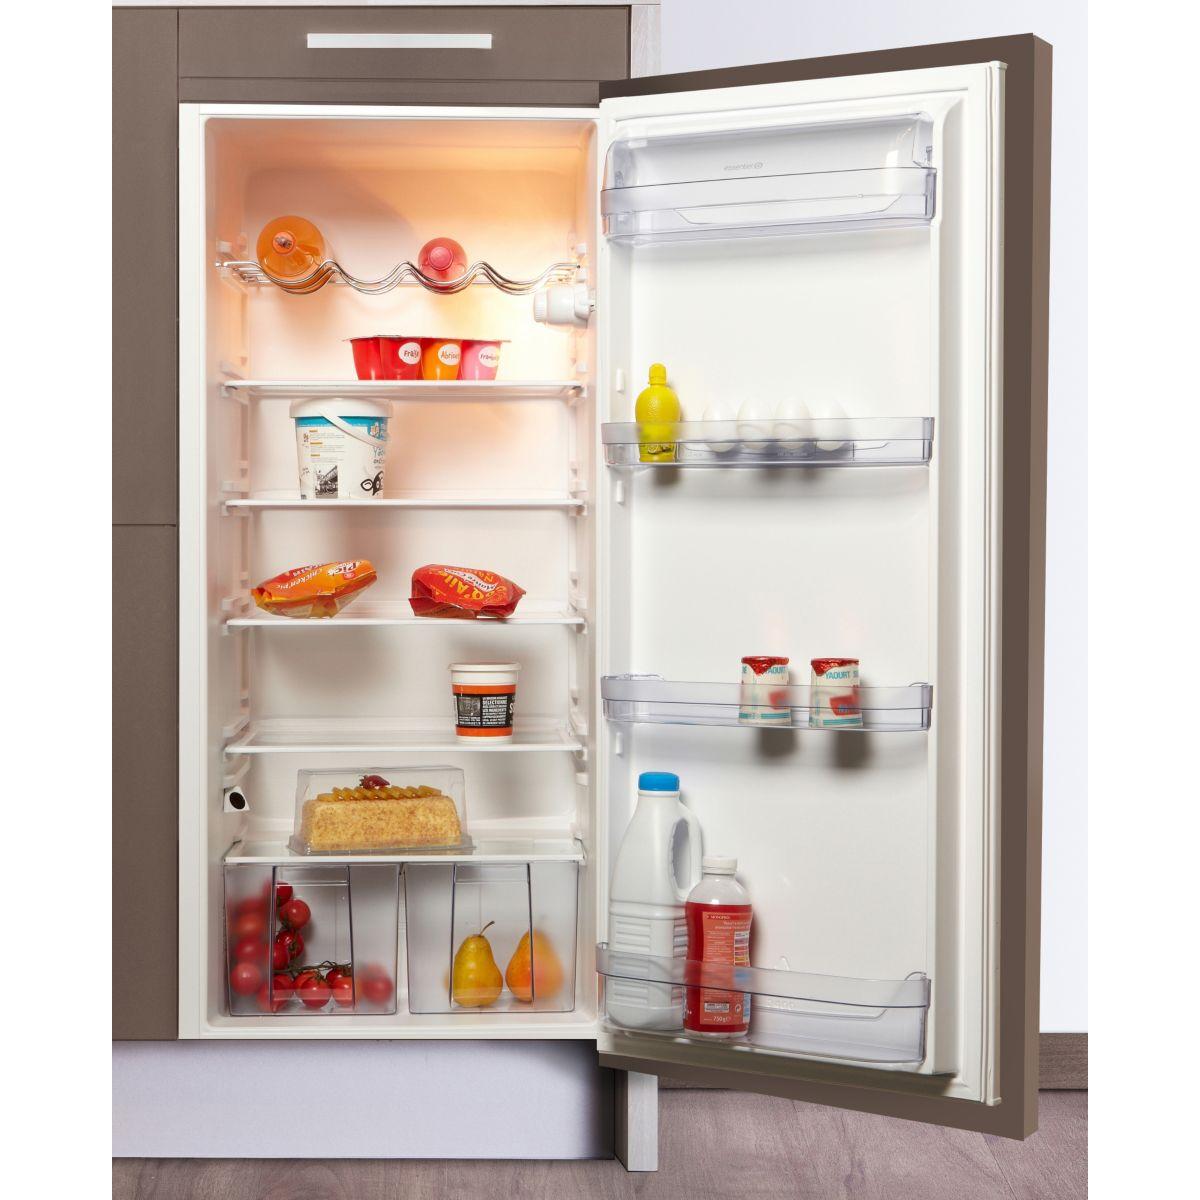 Réfrigérateur 1 porte encastrable ESSENTIELB ERLI 202